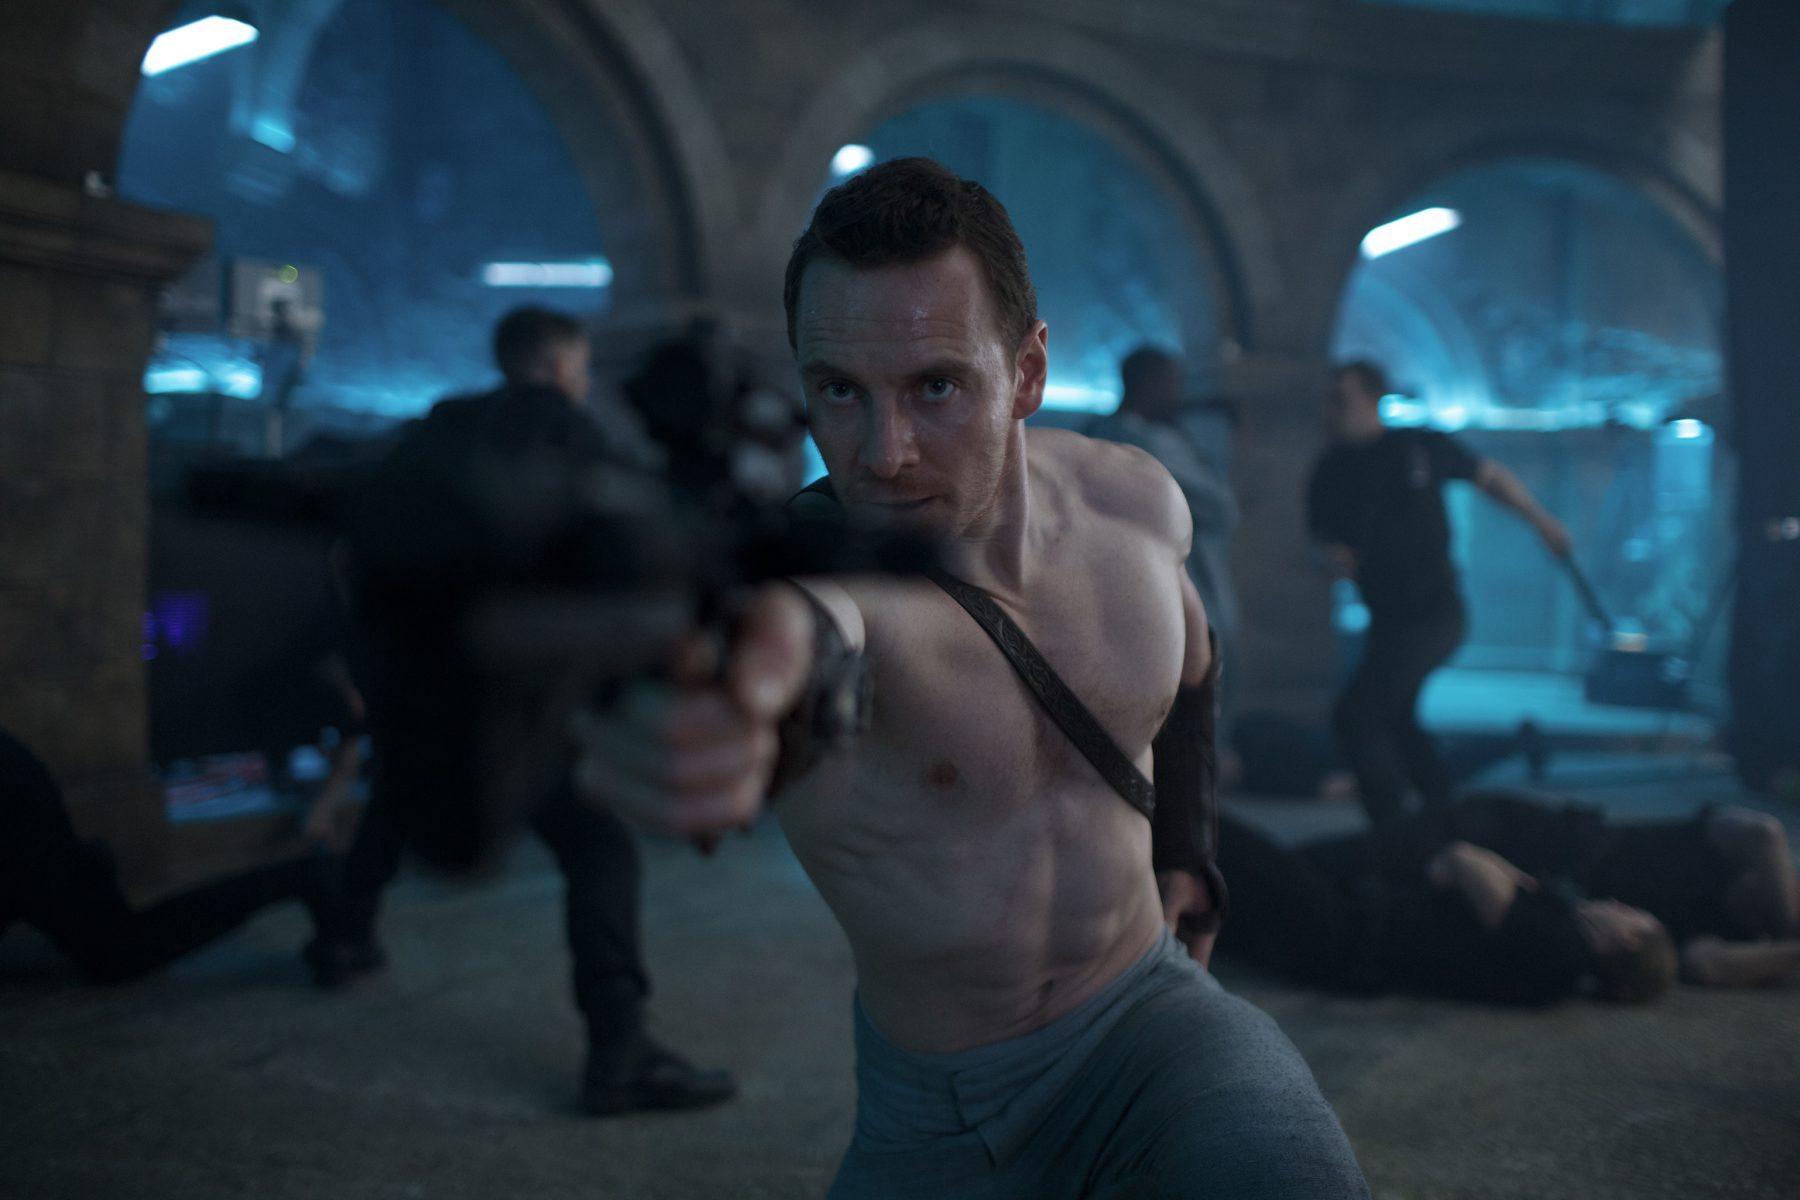 Assassin's Creed movie main hero